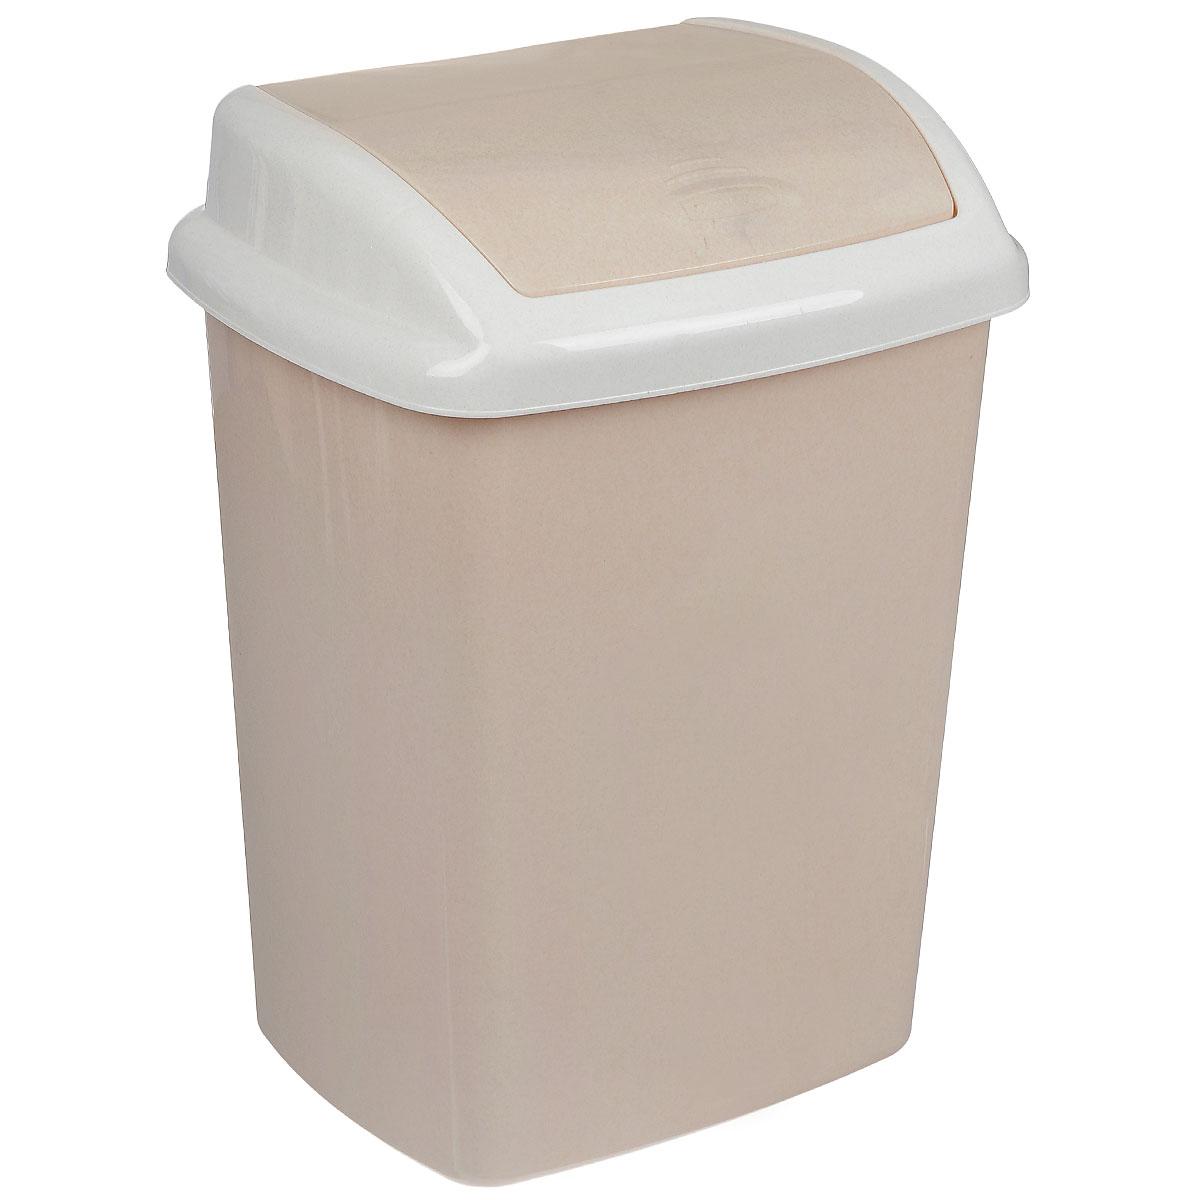 Контейнер для мусора Curver Доминик, цвет: бежевый, белый, 25 л68/5/1Контейнер для мусора Curver Доминик изготовлен из прочного пластика. Контейнер снабжен удобной крышкой с подвижной перегородкой. В нем удобно хранить мелкий мусор. Благодаря лаконичному дизайну такой контейнер идеально впишется в интерьер и дома, и офиса.